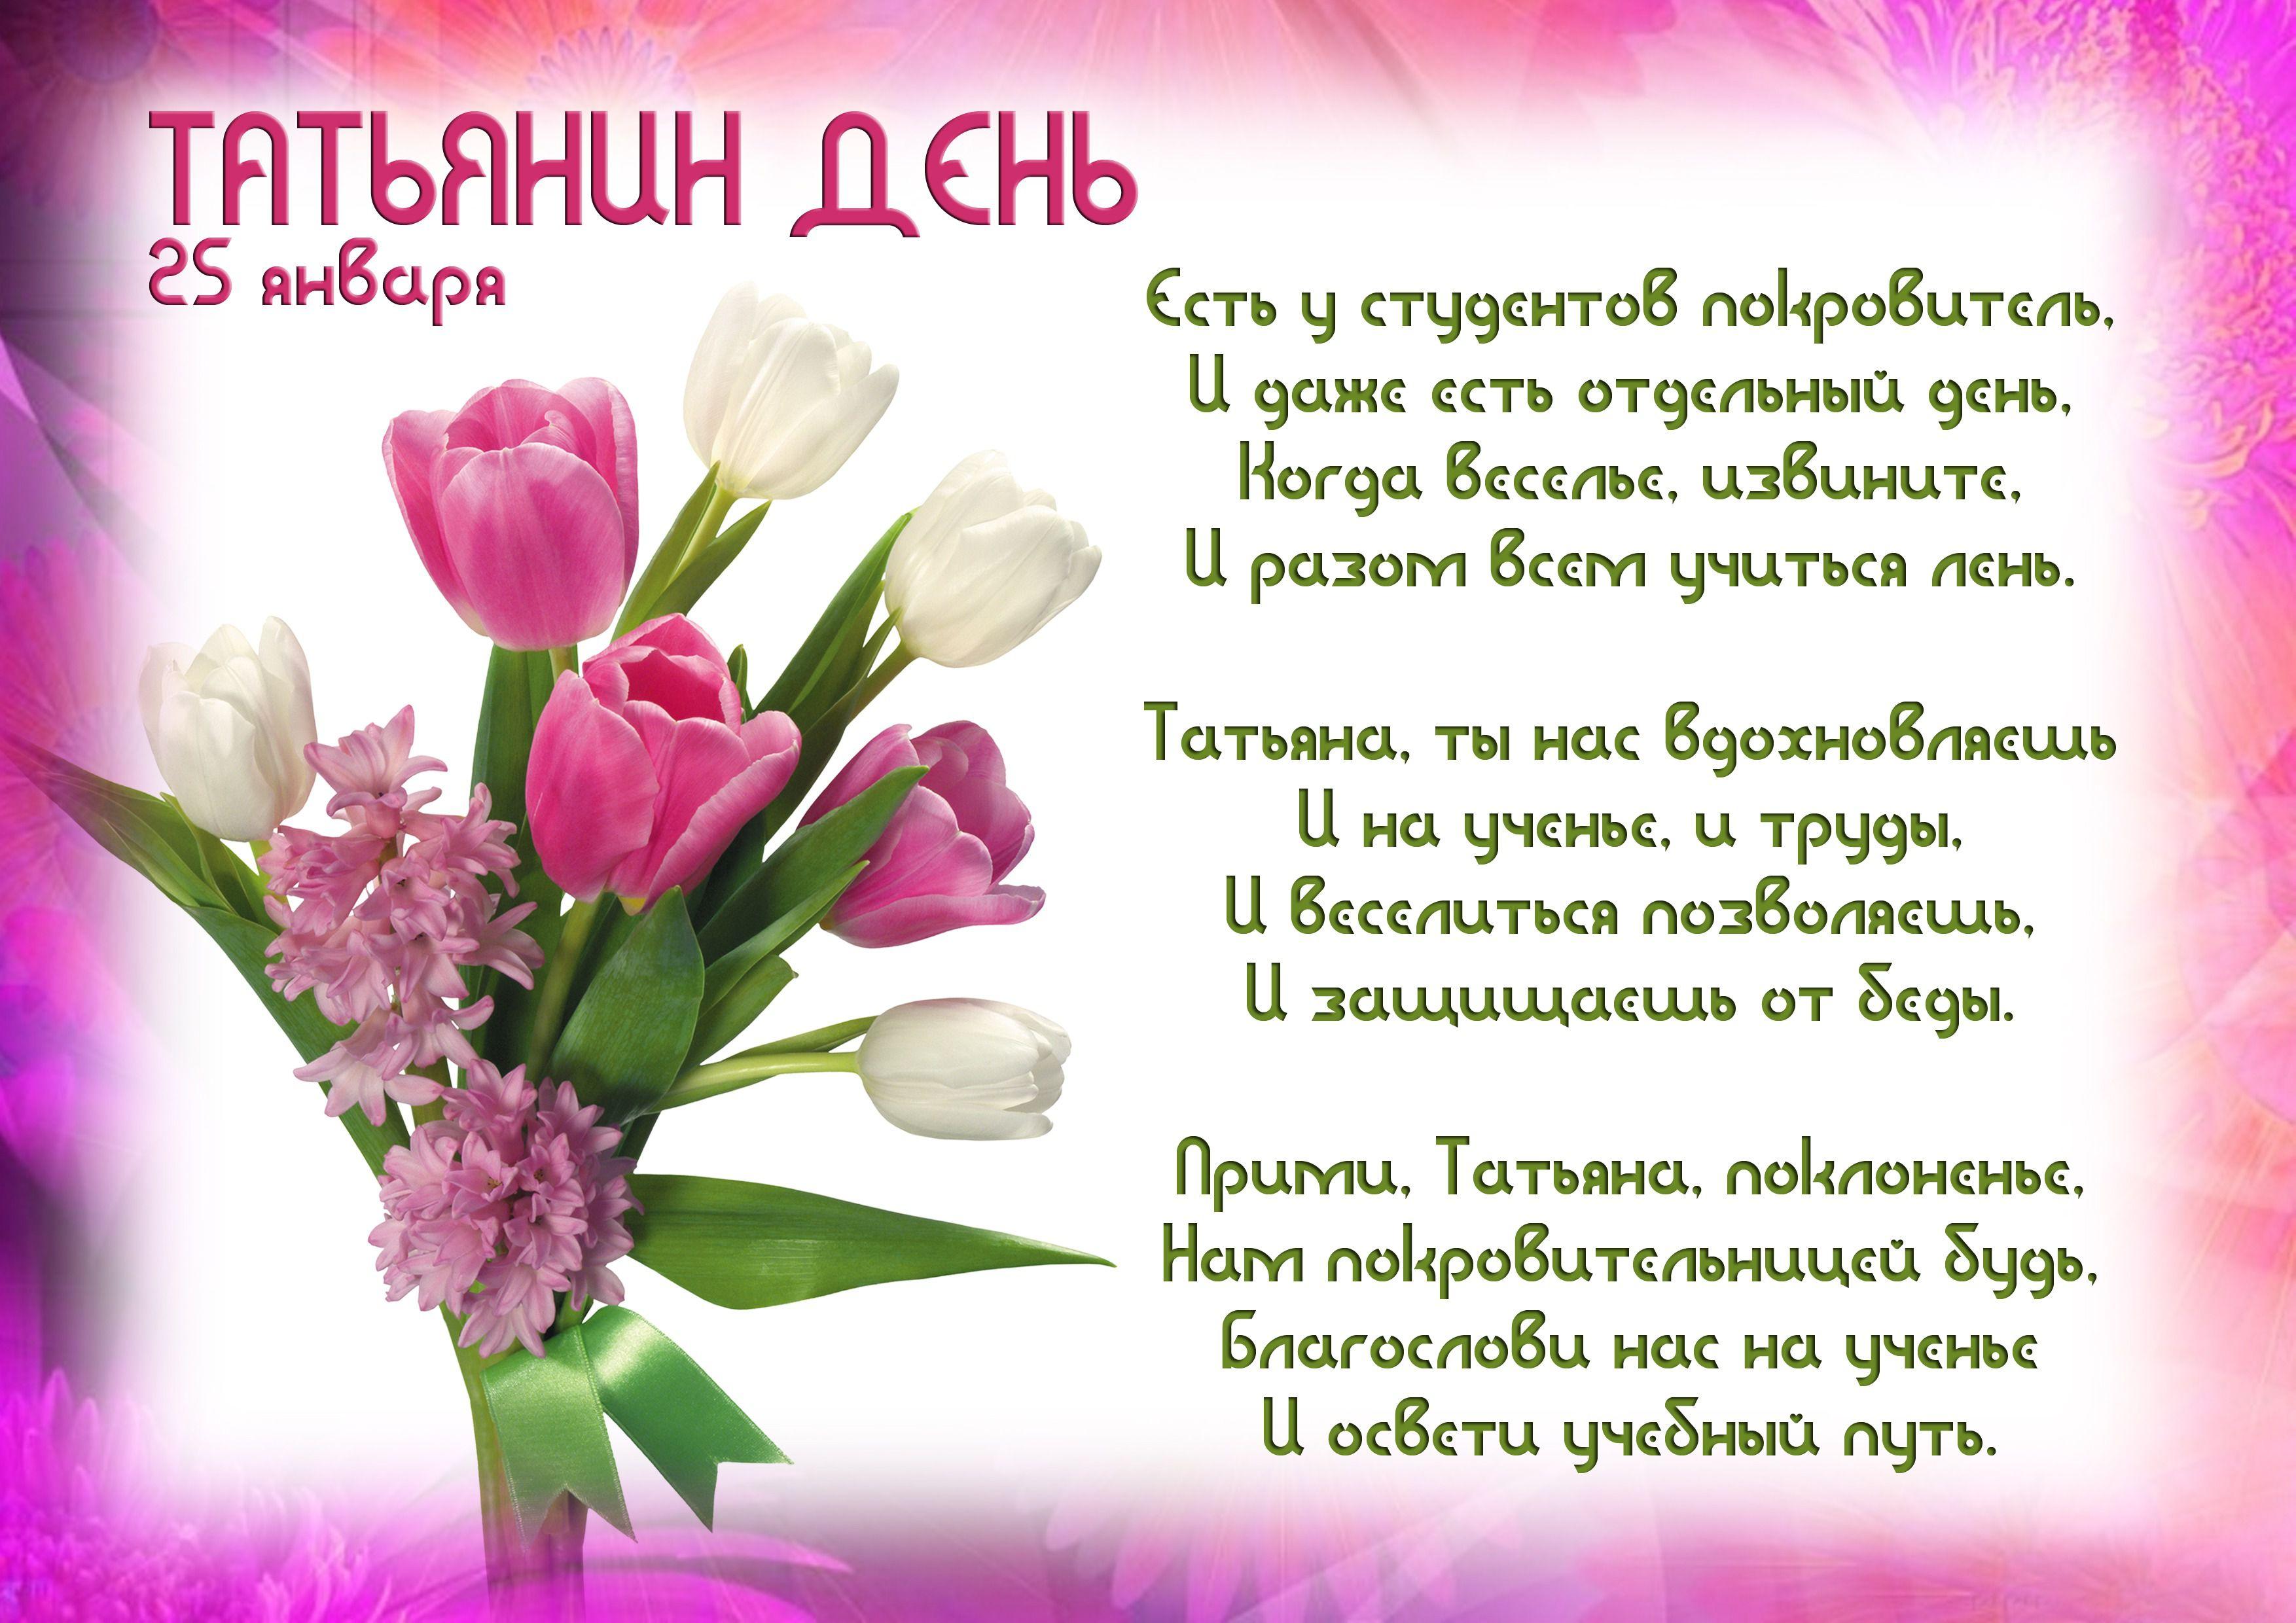 Поздравления для тань в татьянин день